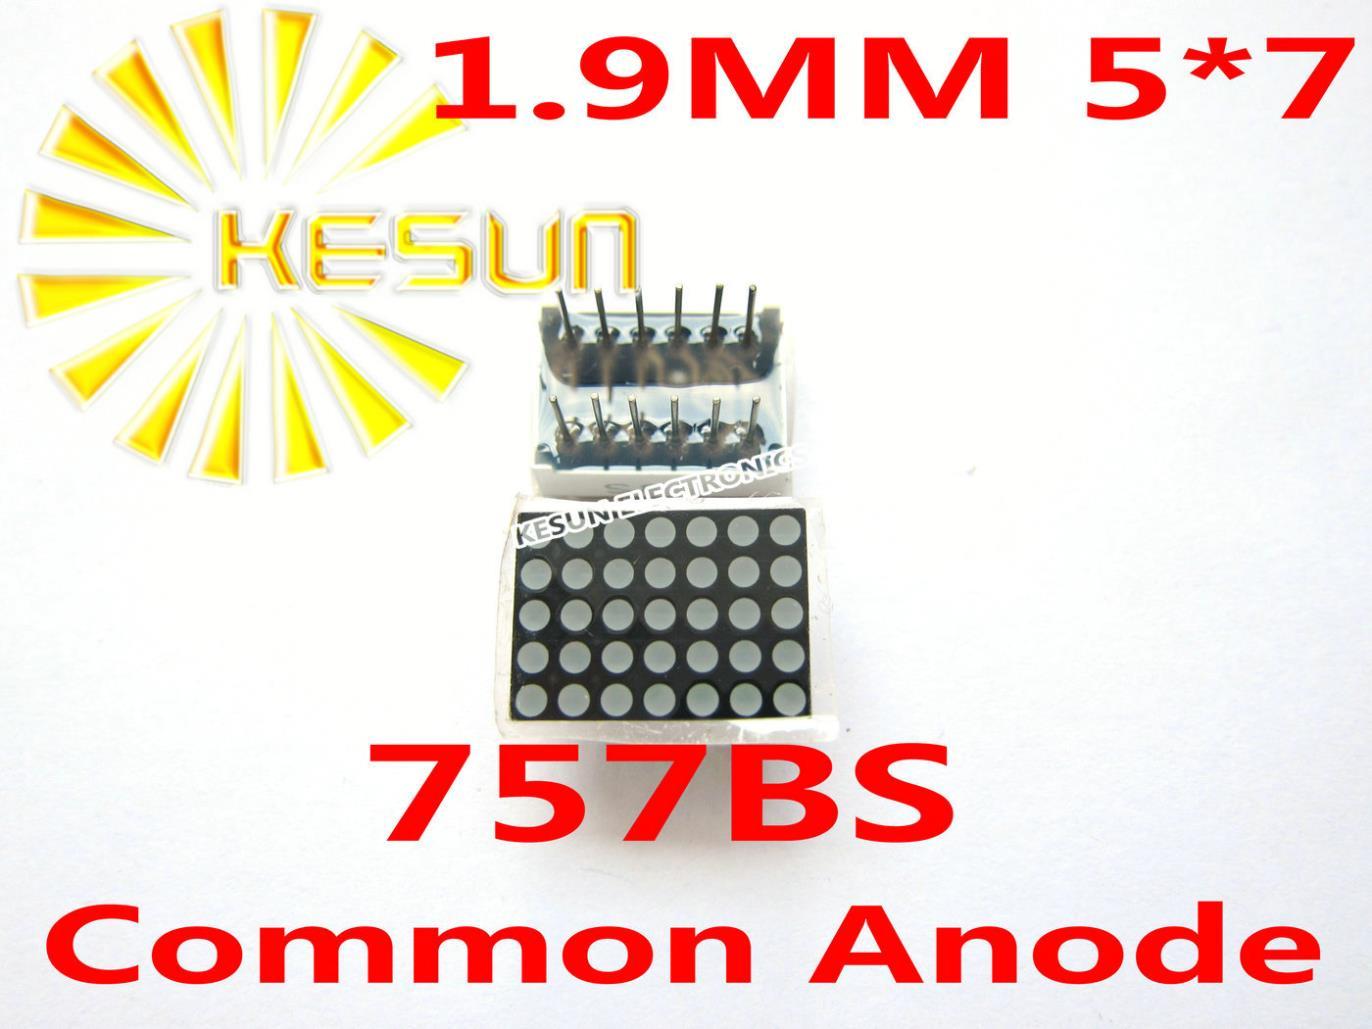 LIVRAISON GRATUITE 20 PCS/LOT 1.9 MM 5X7 Rouge Anode Commune LED Dot Matrix Numérique Module 757bs(China (Mainland))